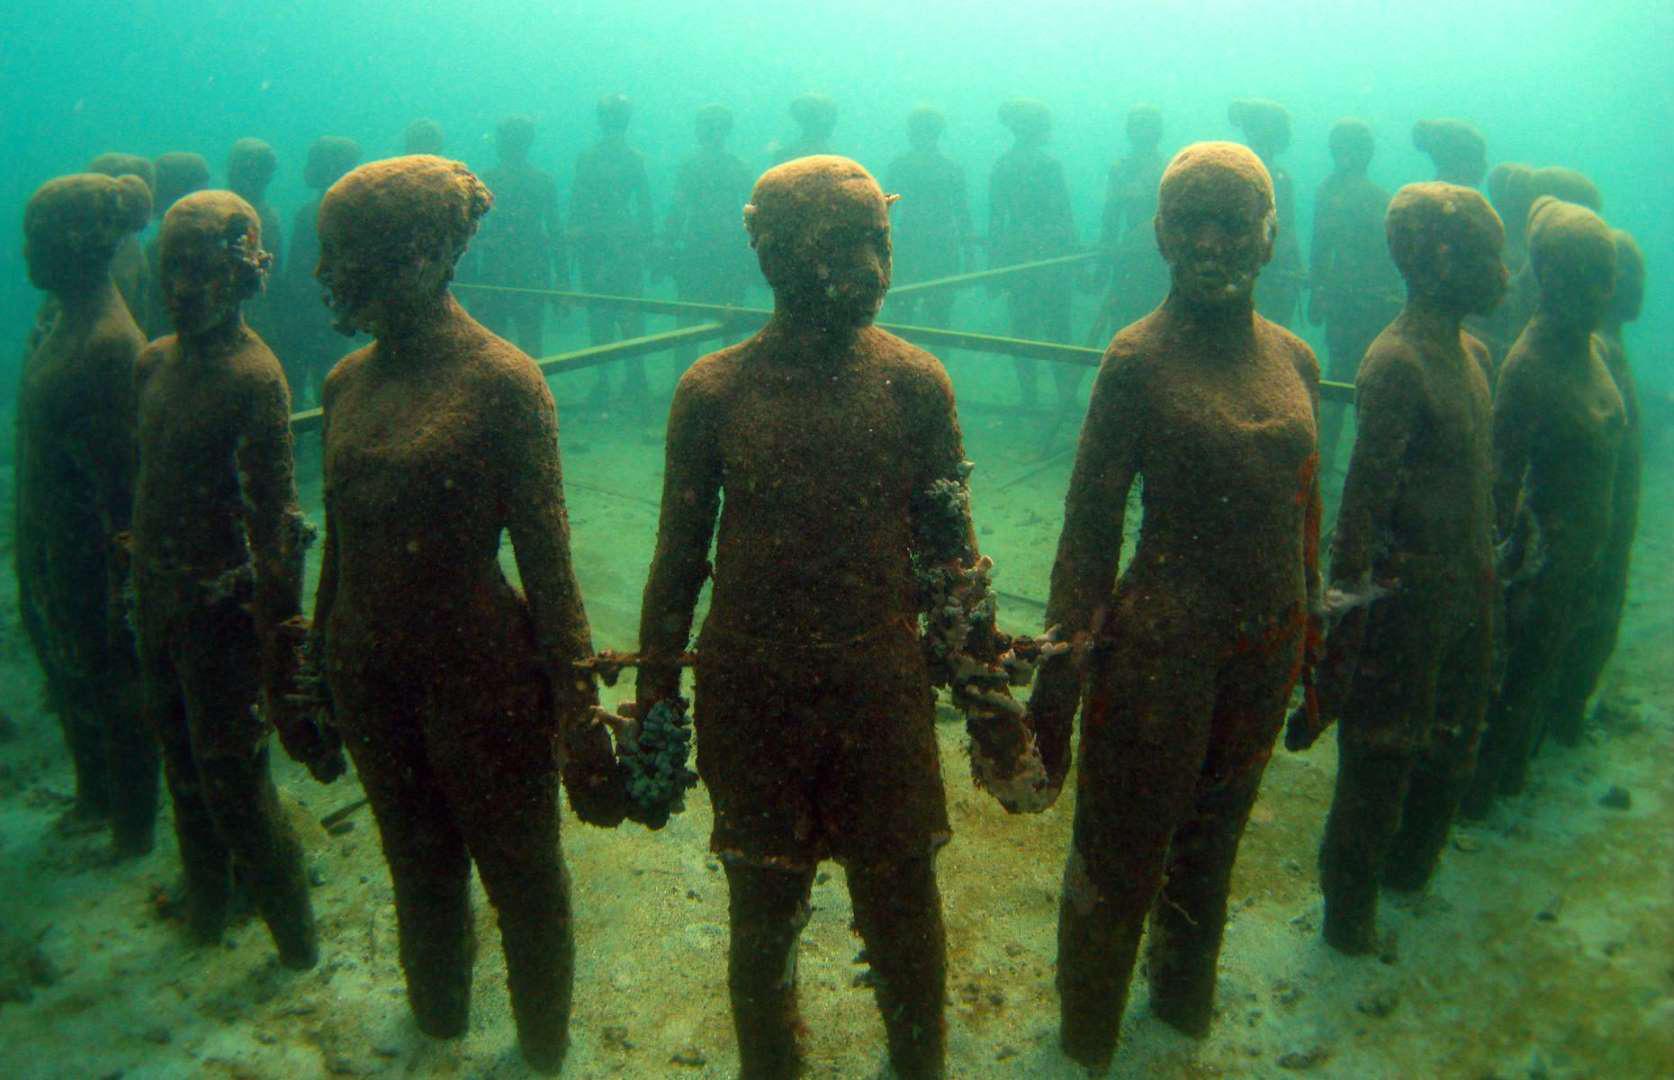 kỳ quan dưới nước - Ảnh 2.